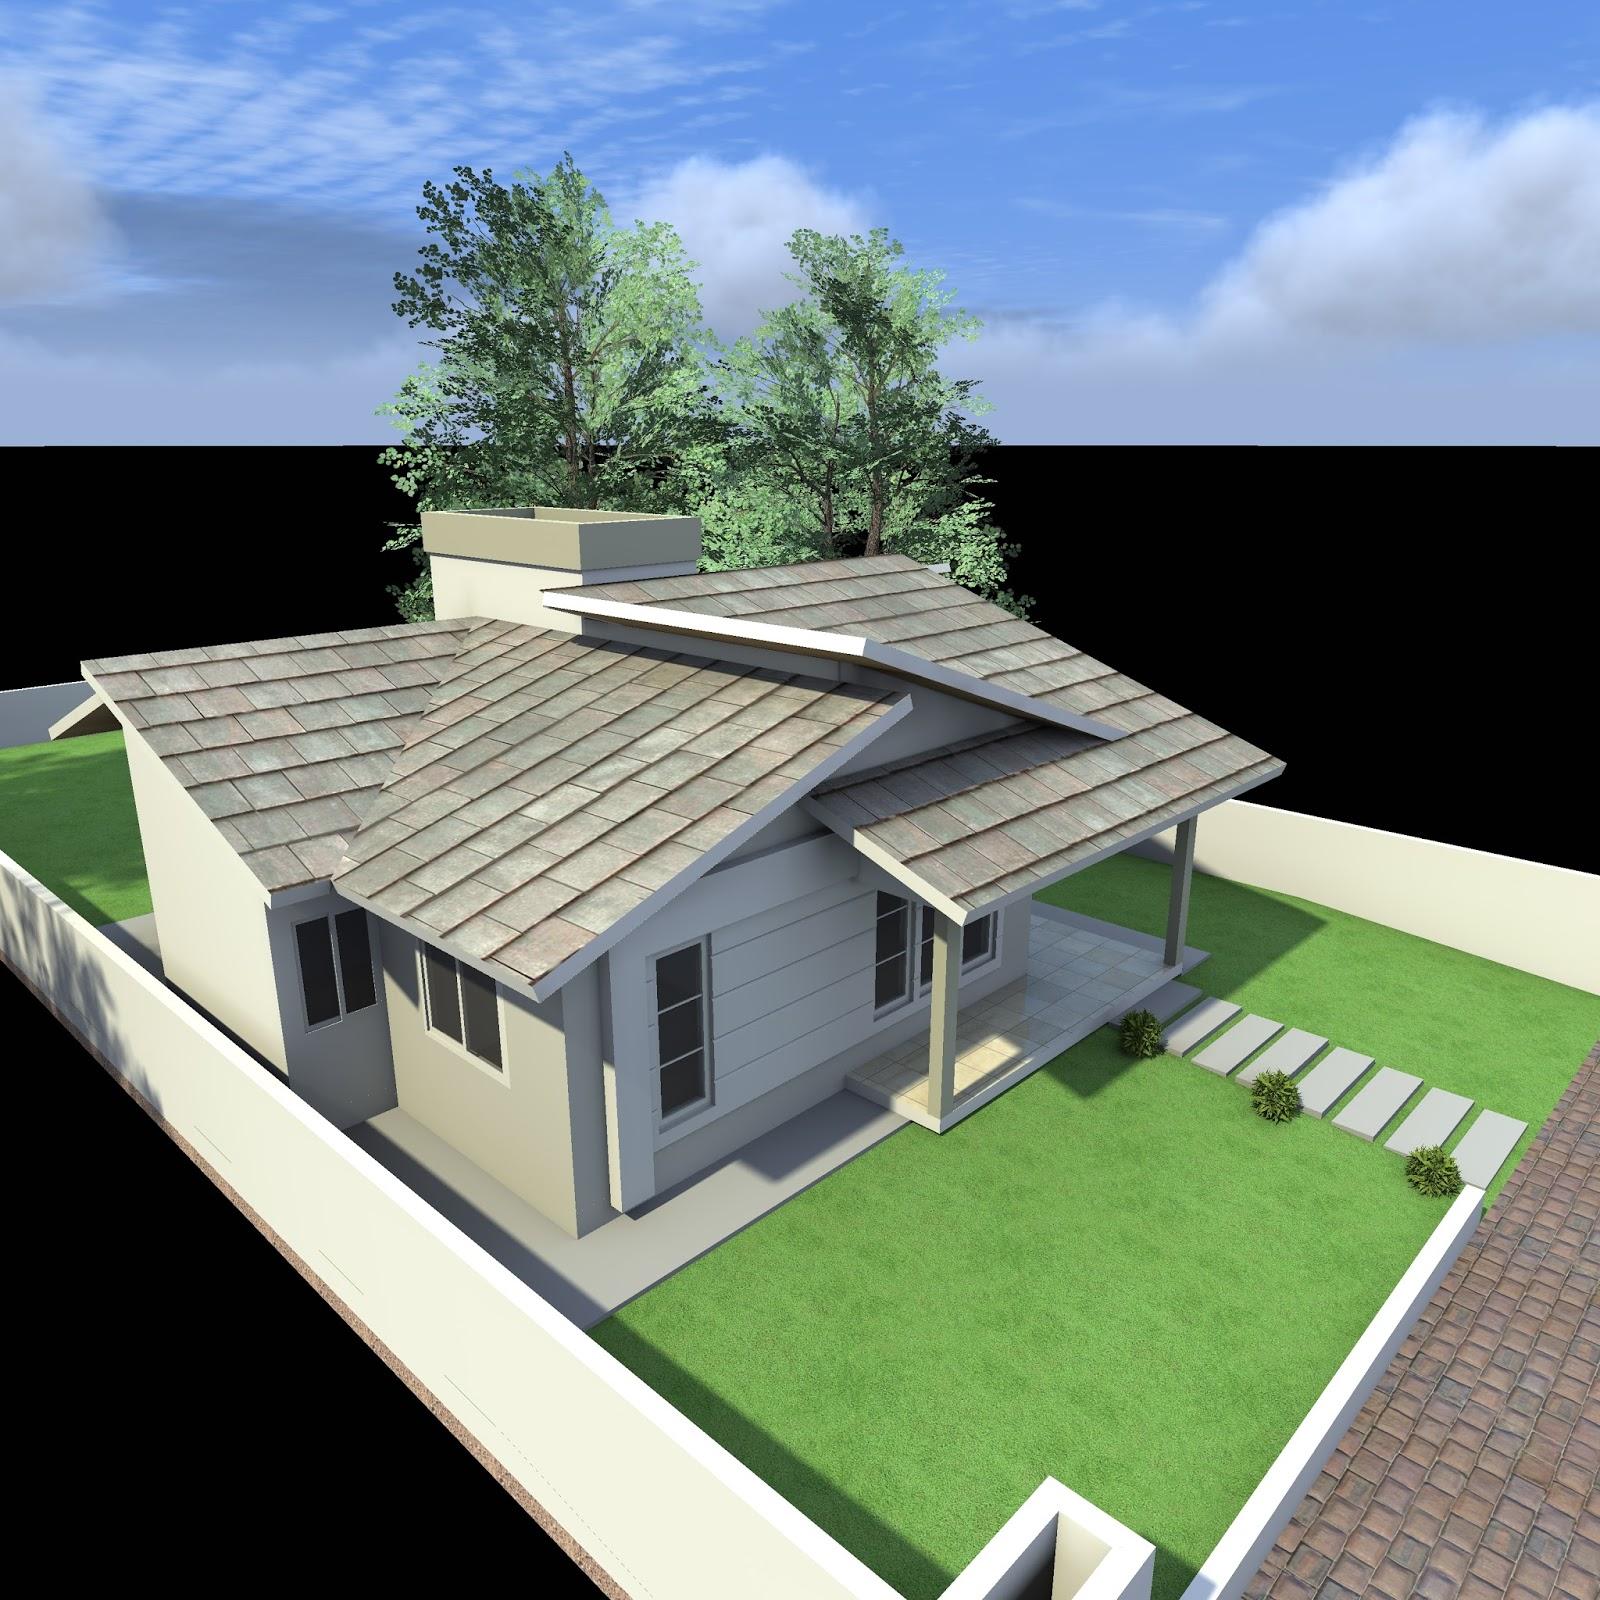 banheiro sala de estar jantar cozinha área de serviço e varanda #2255A9 1600 1600